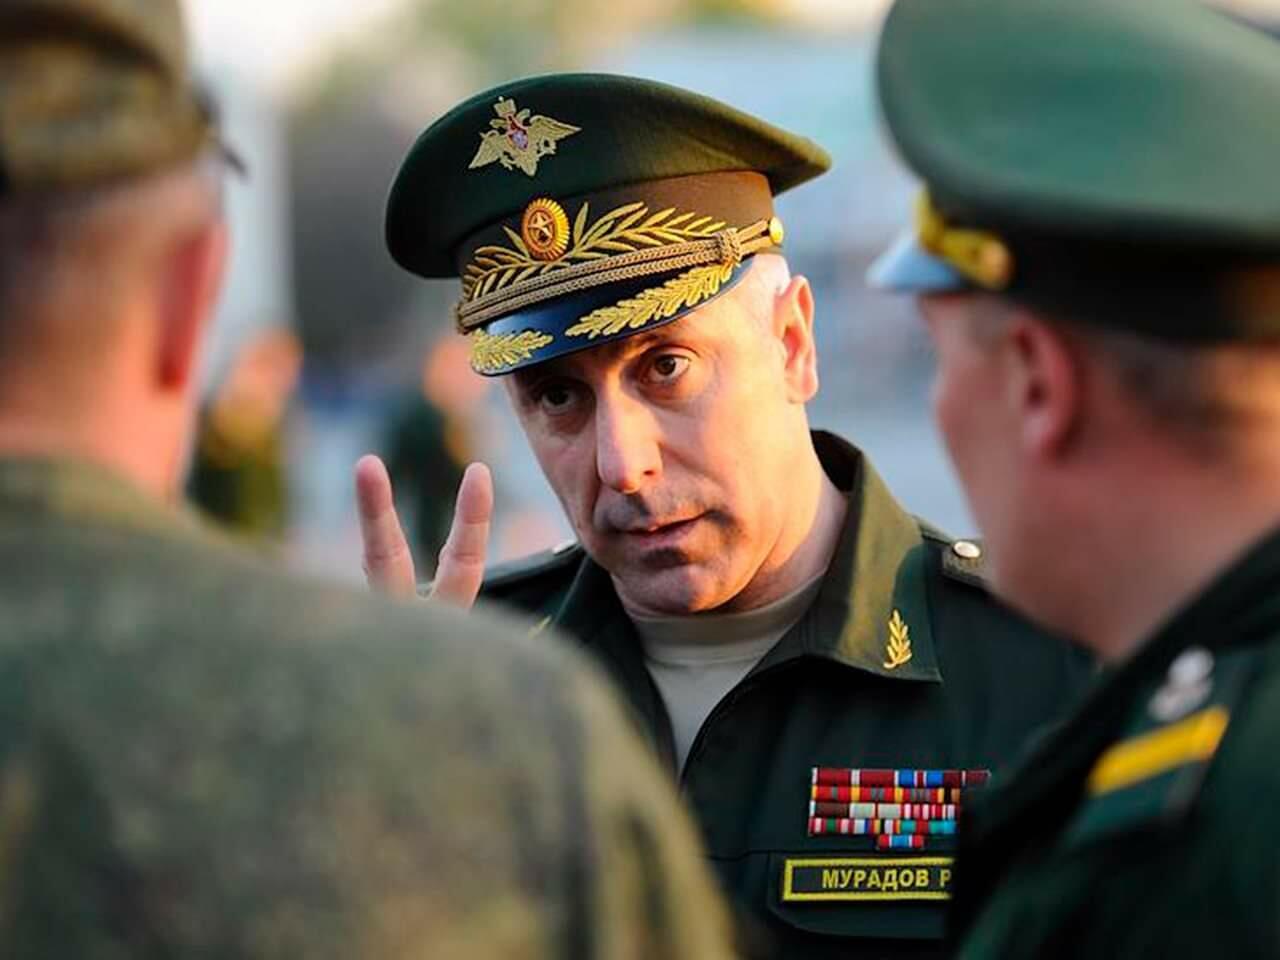 В чем могла быть роковая ошибка Мурадова? - Кузнецов